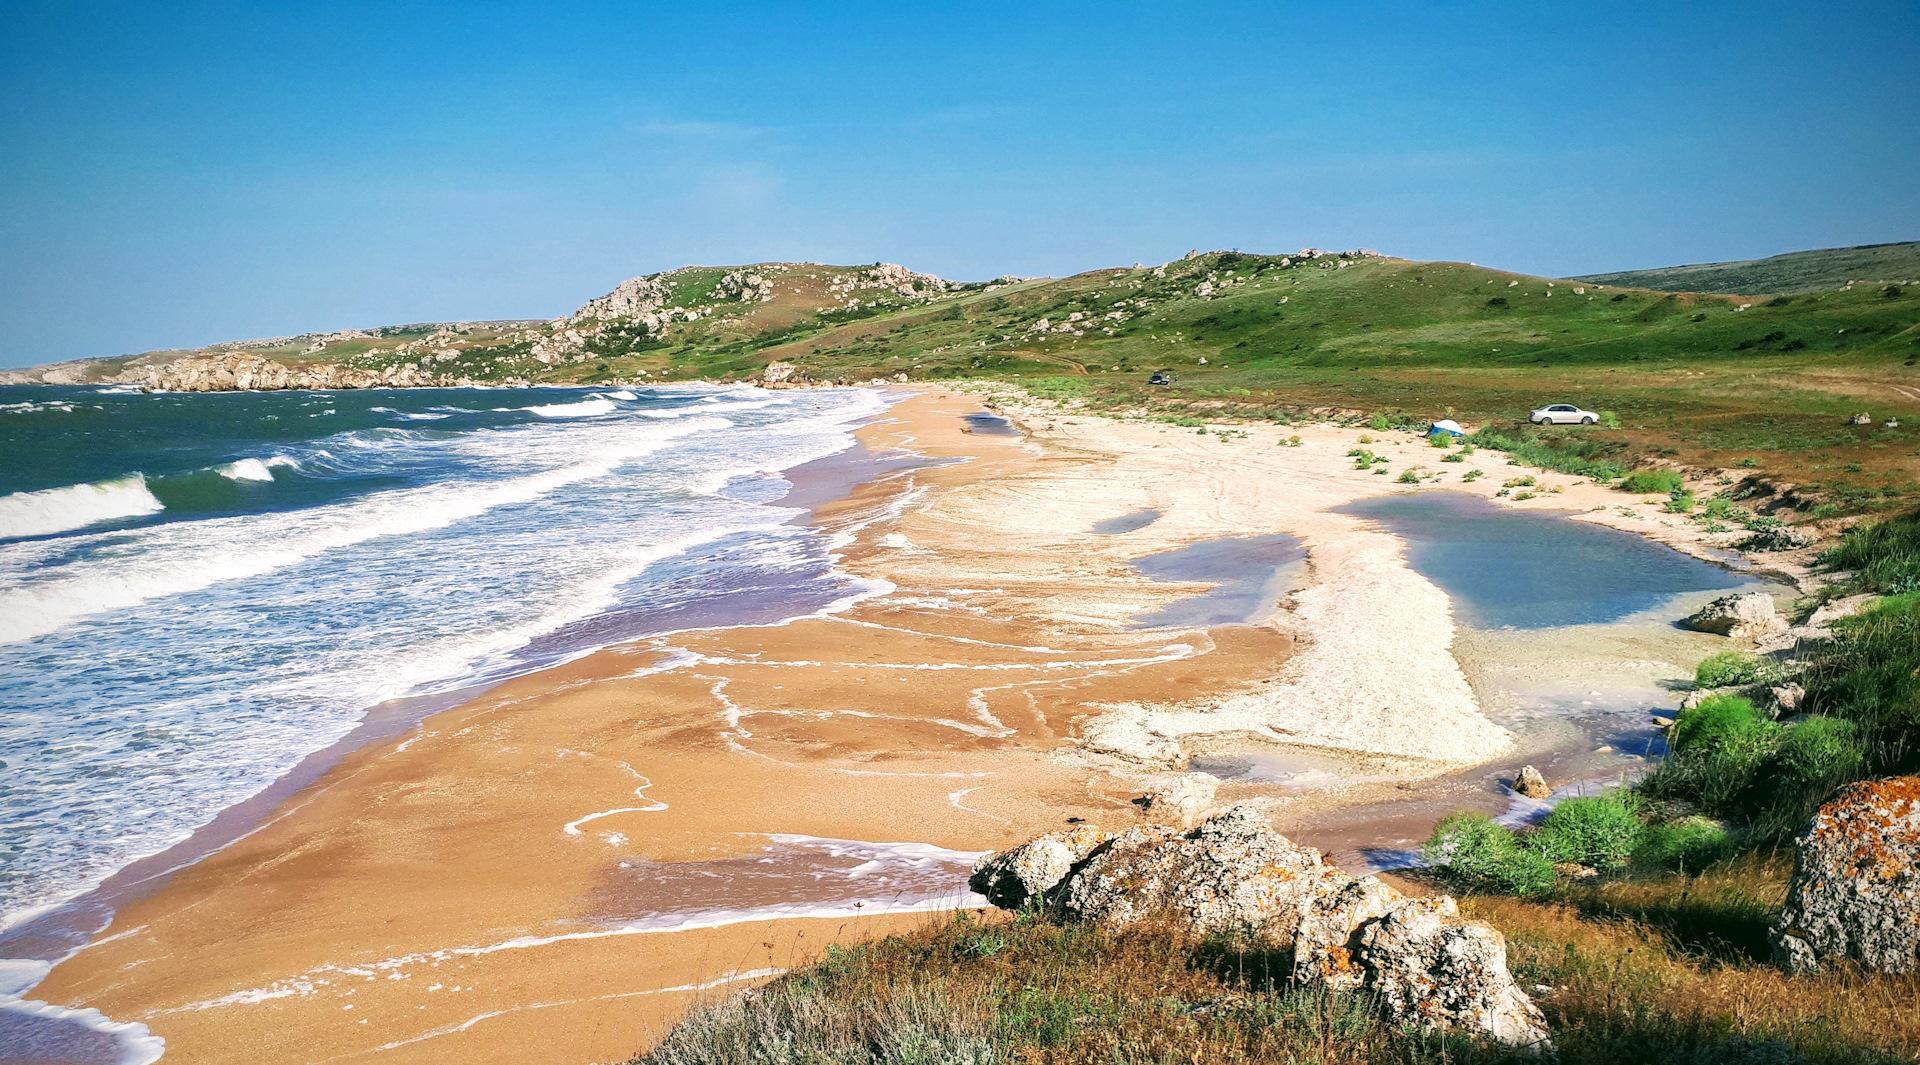 Фото генеральских пляжей в Керчи